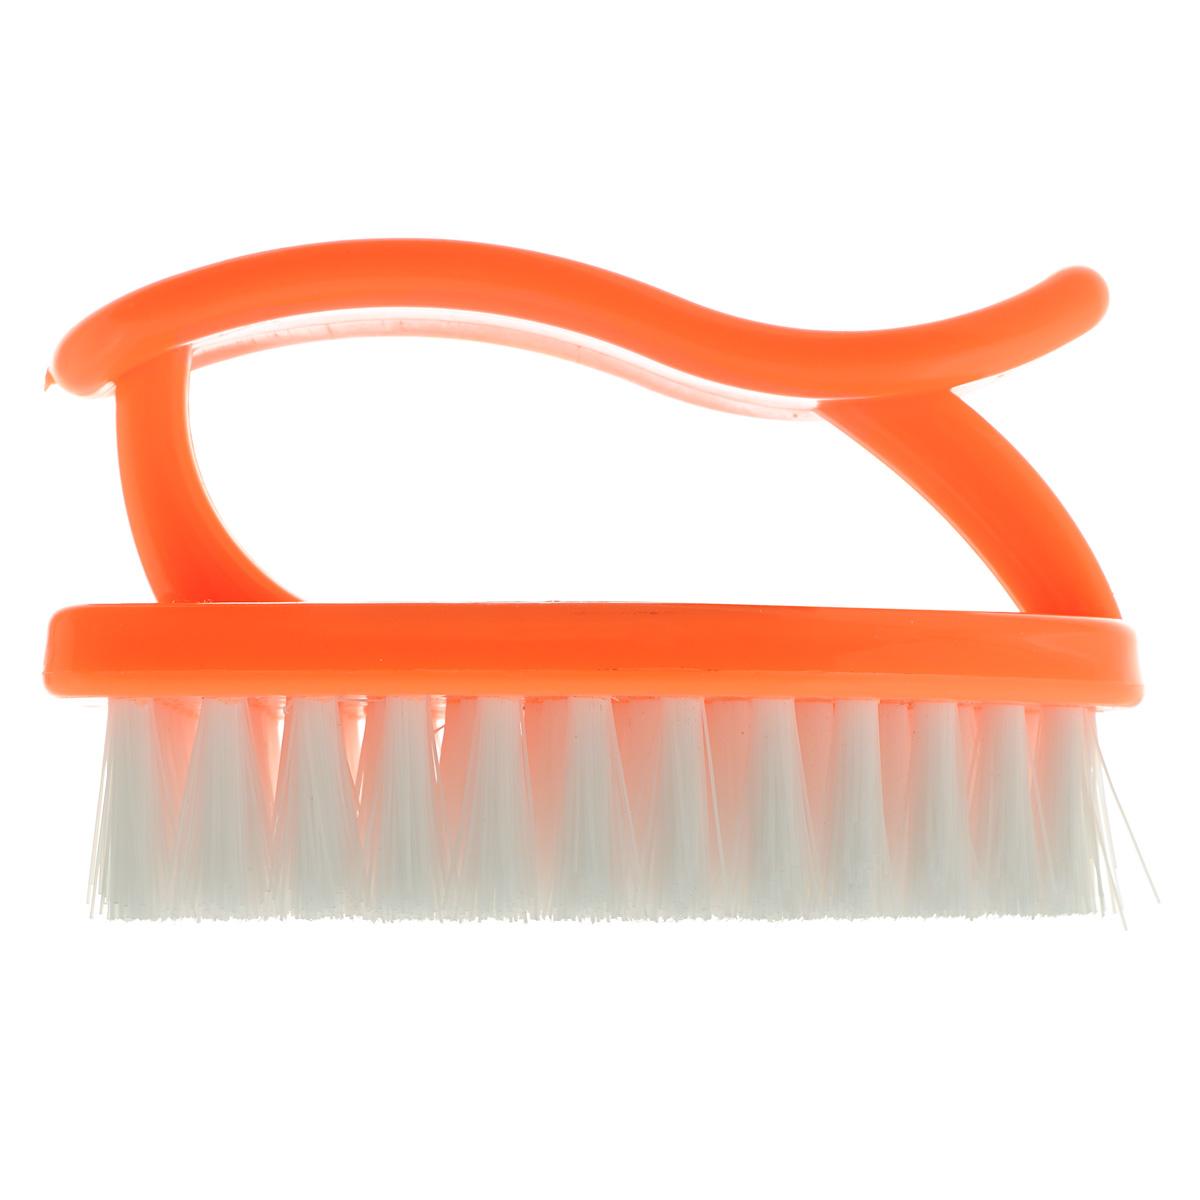 Щетка Home Queen Утюг, универсальная, цвет: оранжевый. 89531-105Щетка Home Queen Утюг, выполненная из полипропилена, является универсальной щеткой для очистки поверхностей ванной комнаты и кухни. Изделие оснащено удобной ручкой.Длина щетины: 2 см.